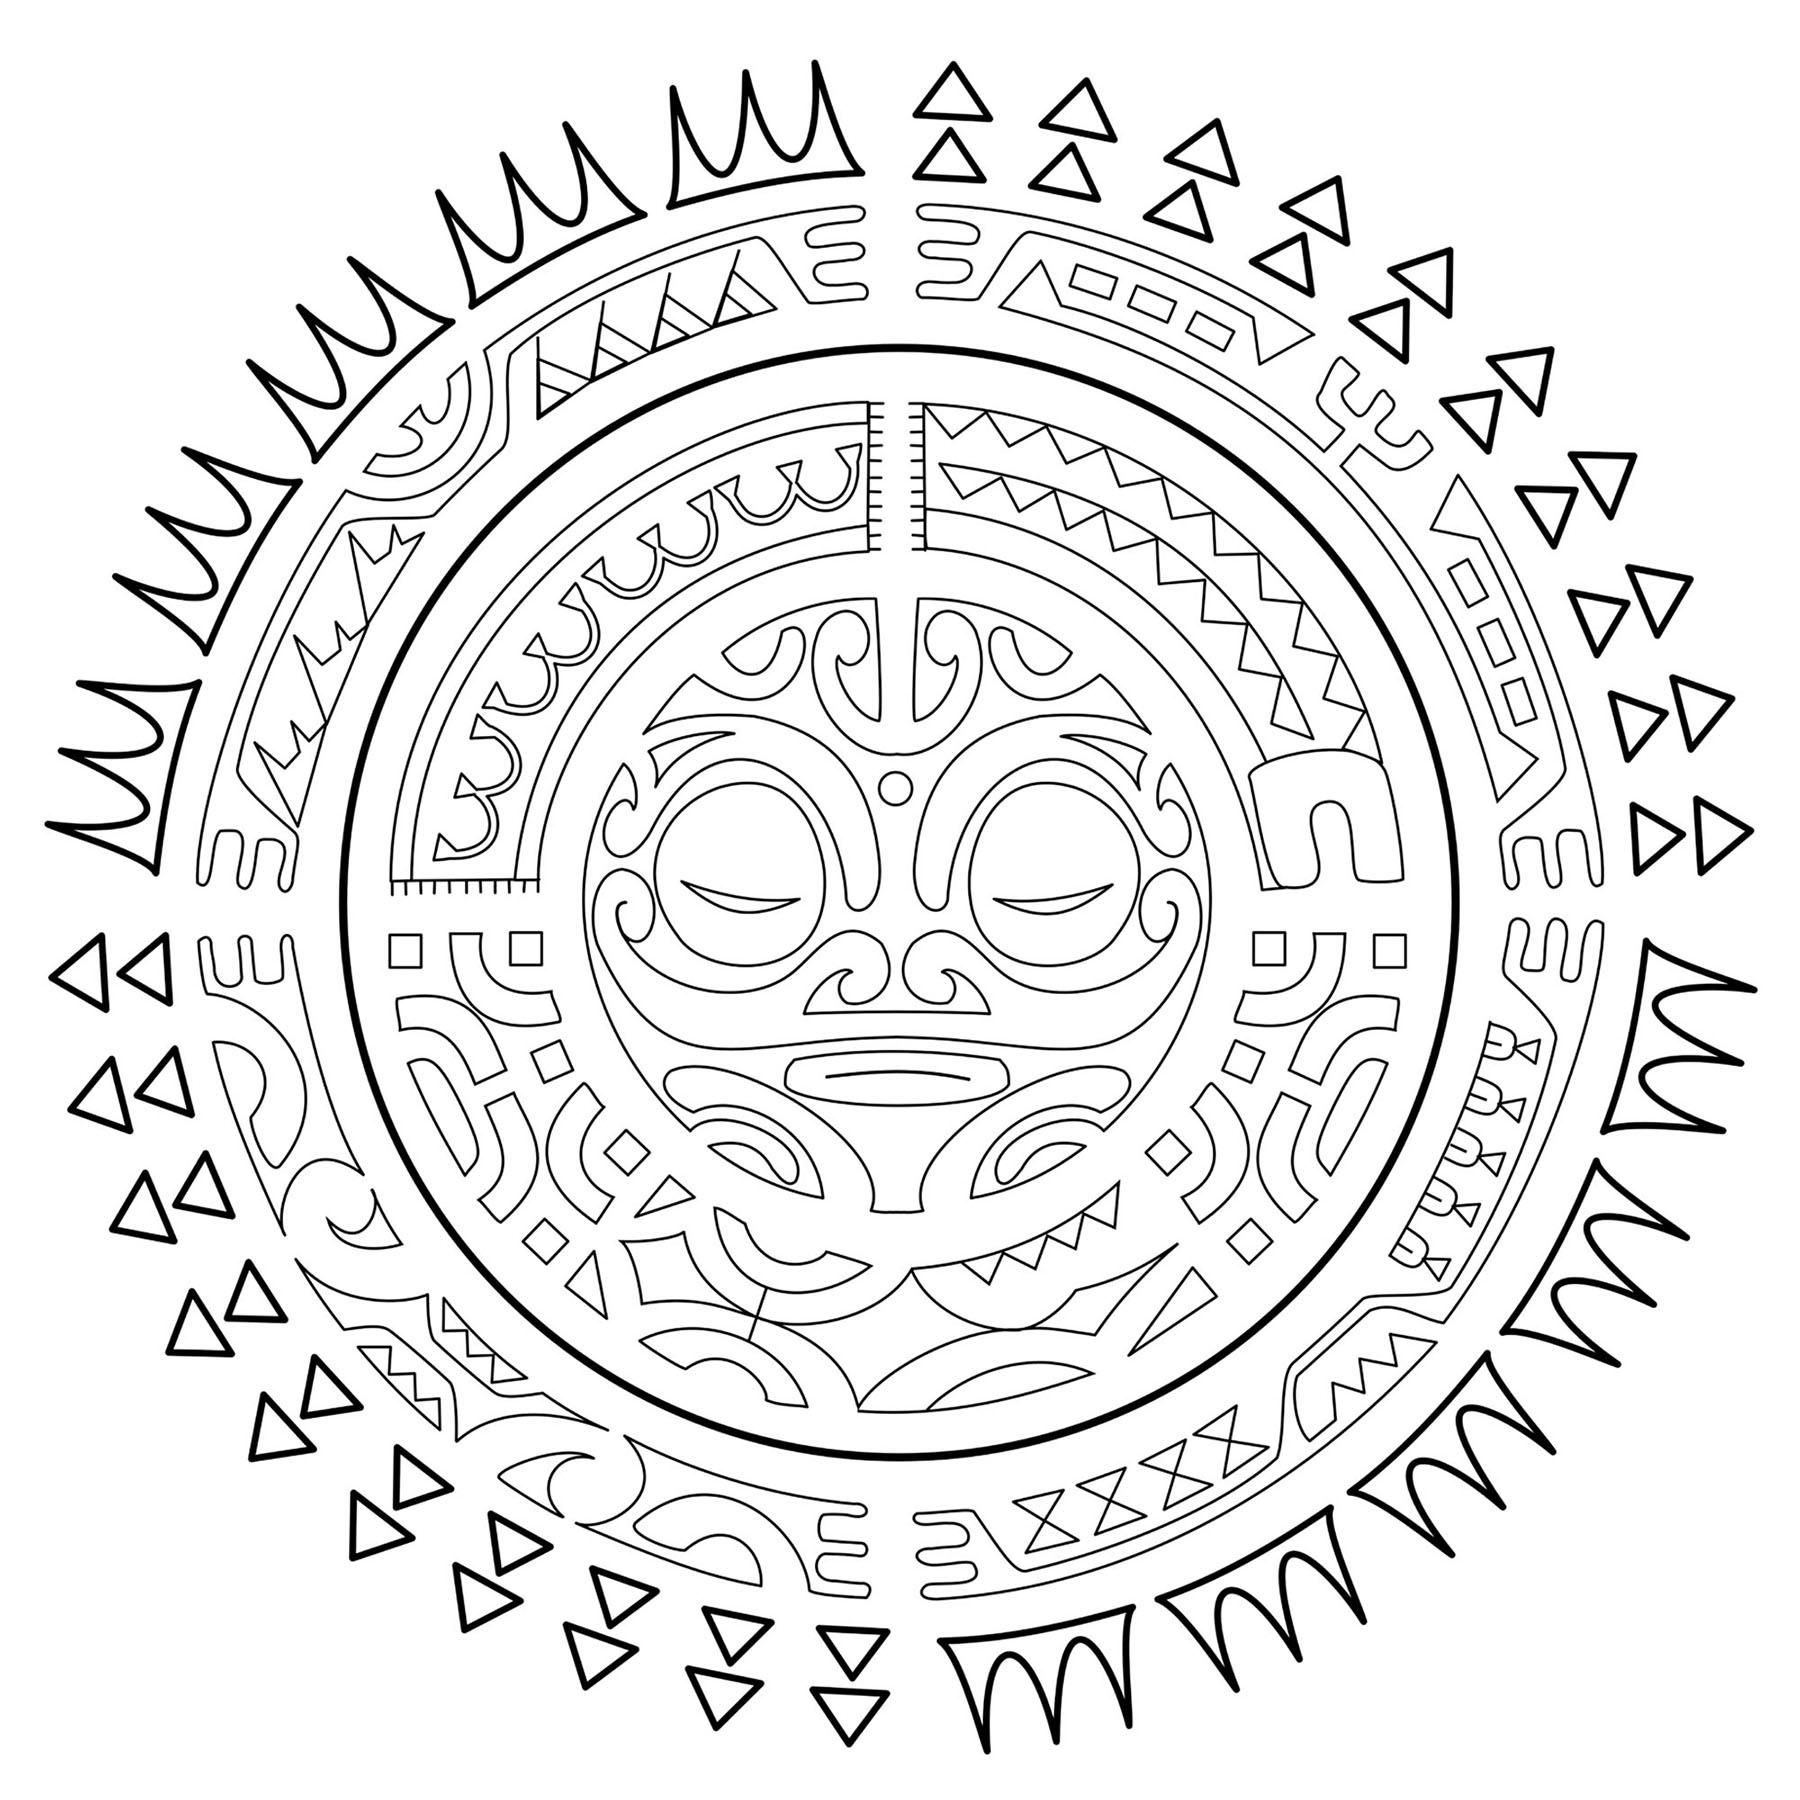 Coloriage Facile Soleil.Tatouage Polynesien Le Soleil Mandalas De Difficulte Normale